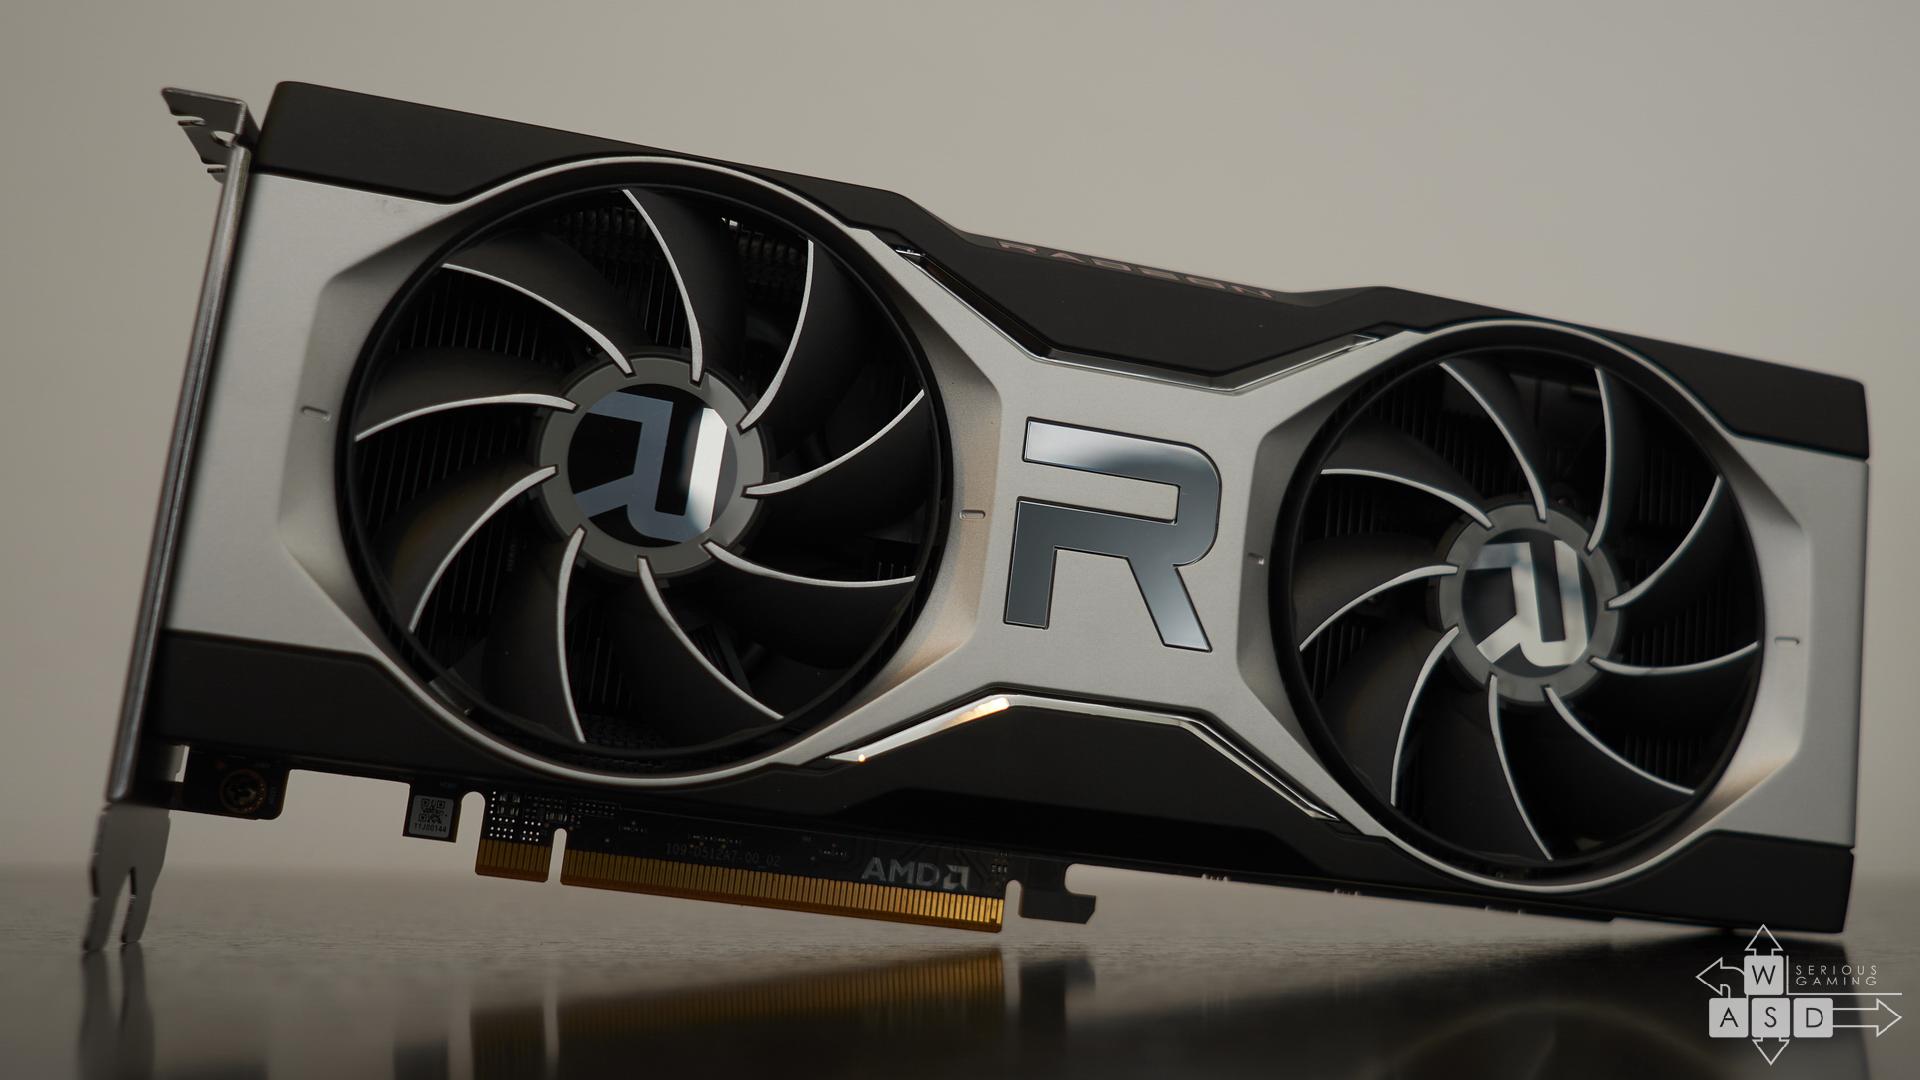 AMD, Radeon, RX 6700 XT